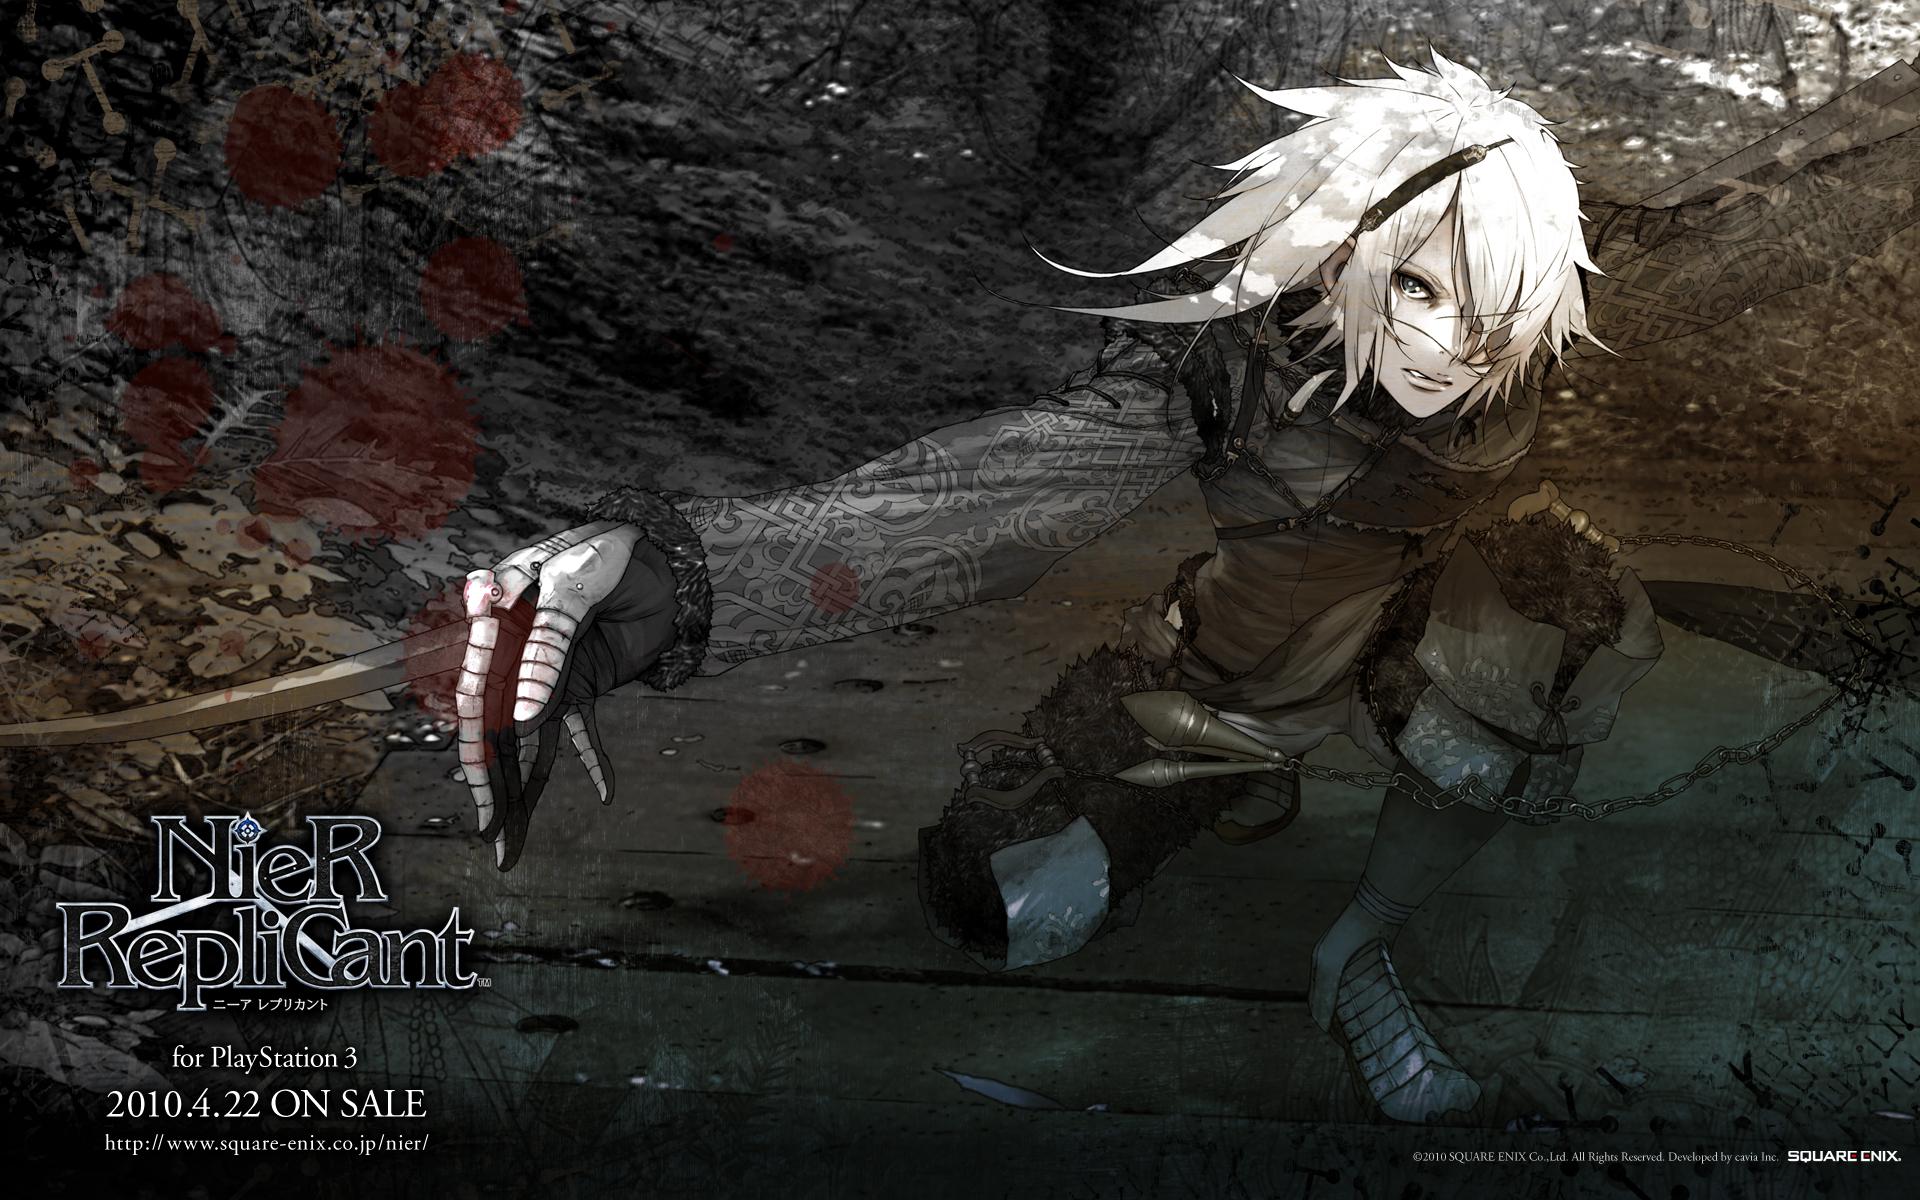 Nier (Character) Wallpaper #179380 - Zerochan Anime Image Board